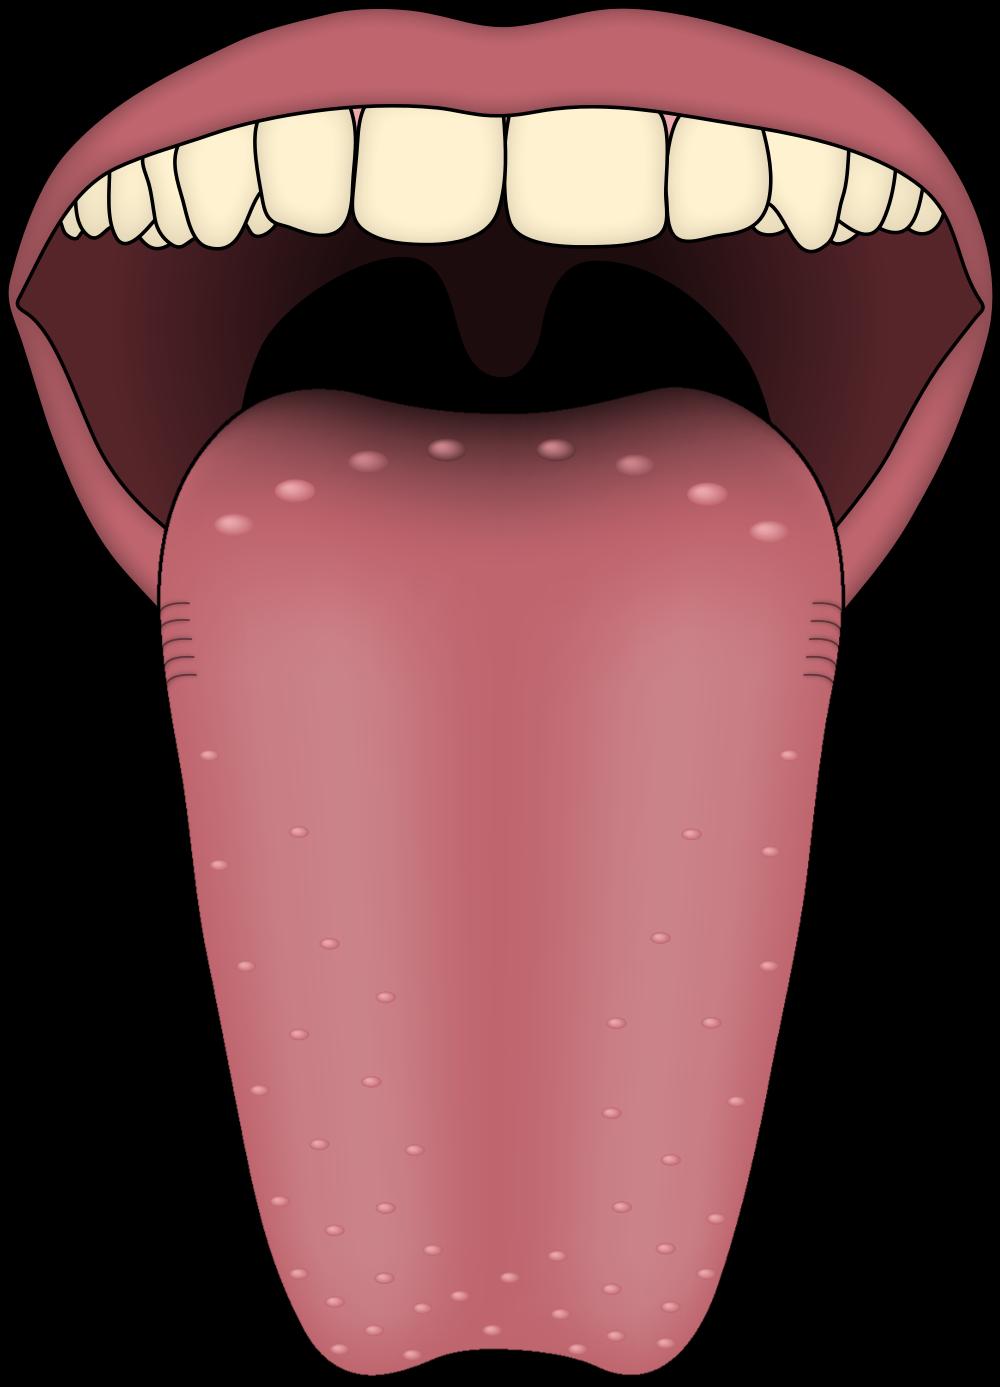 Taste clipart sense organ tongue. What causes a sore